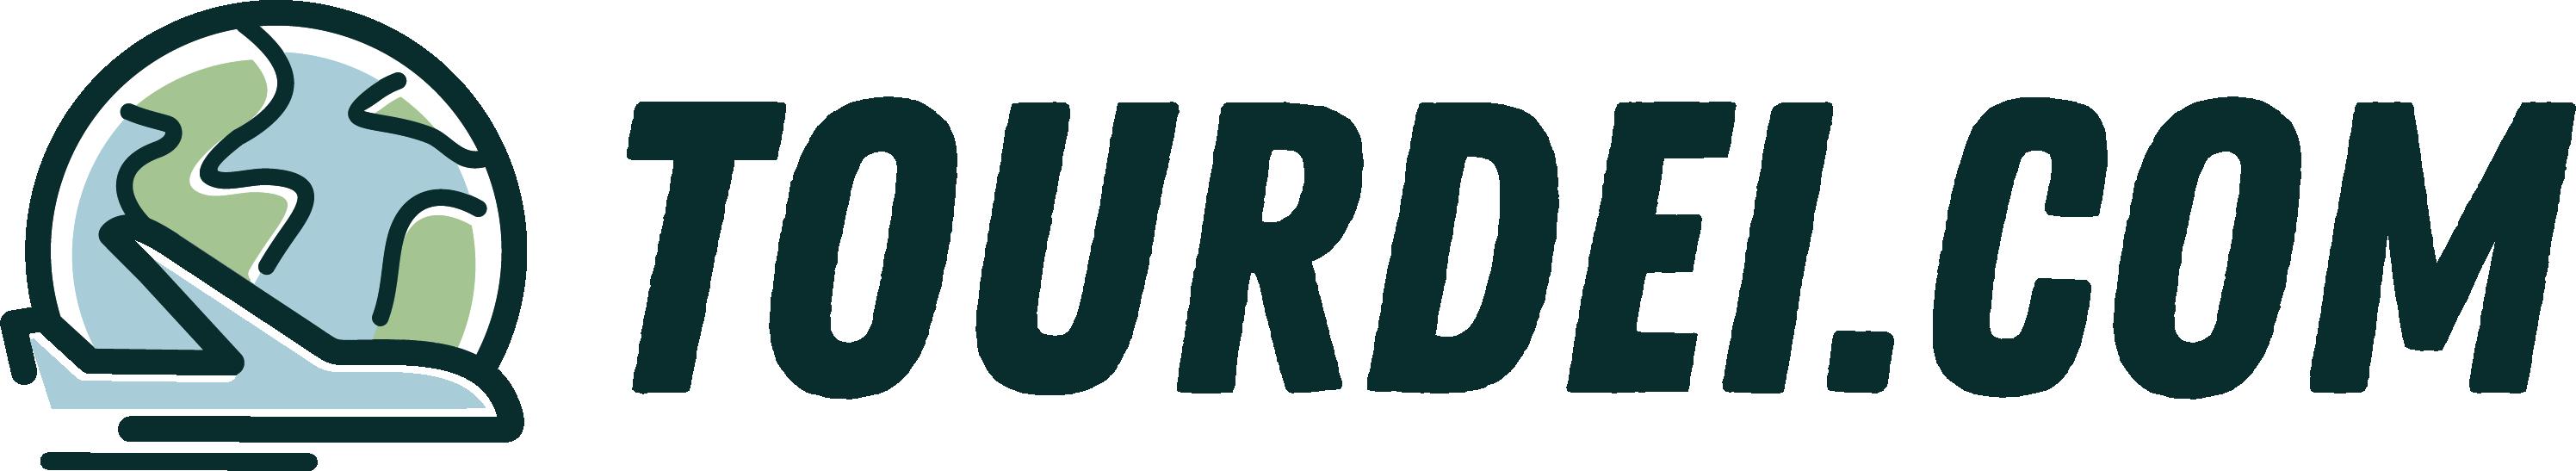 Tourdei